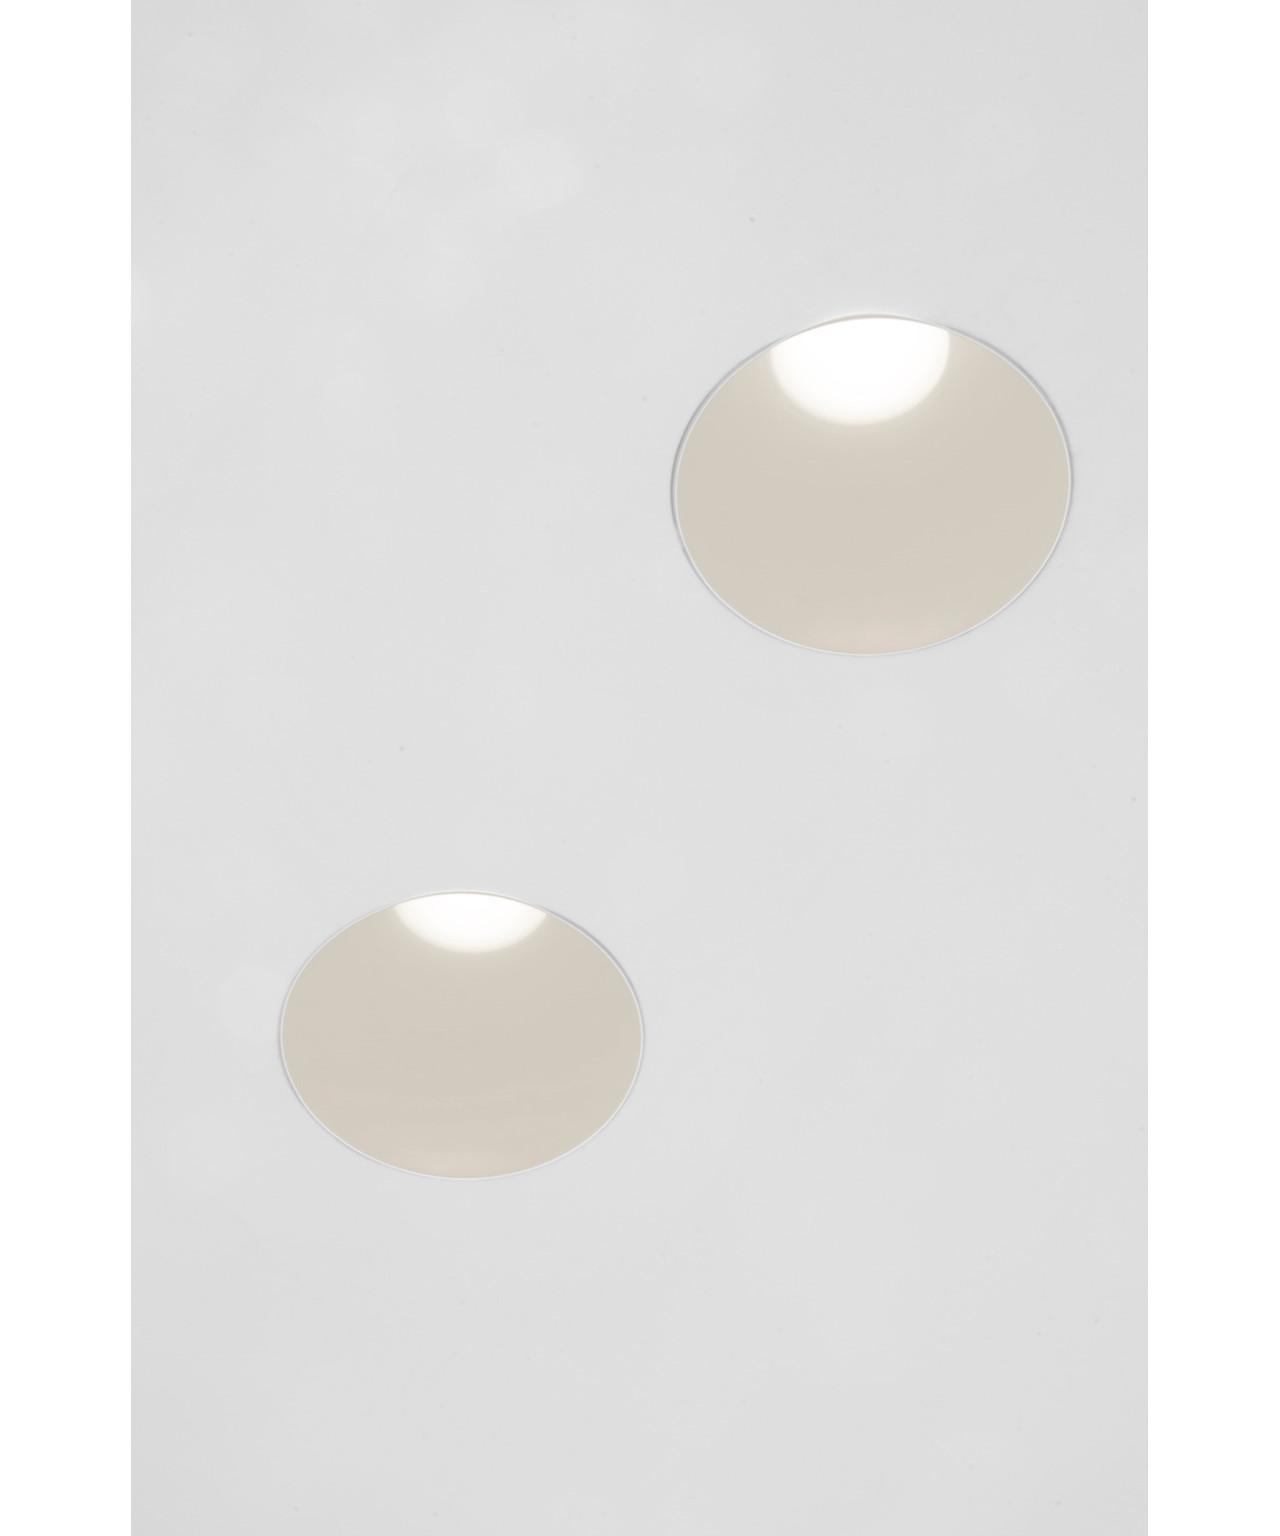 Image of Easy Kap Loftlampe - Flos (9683925)